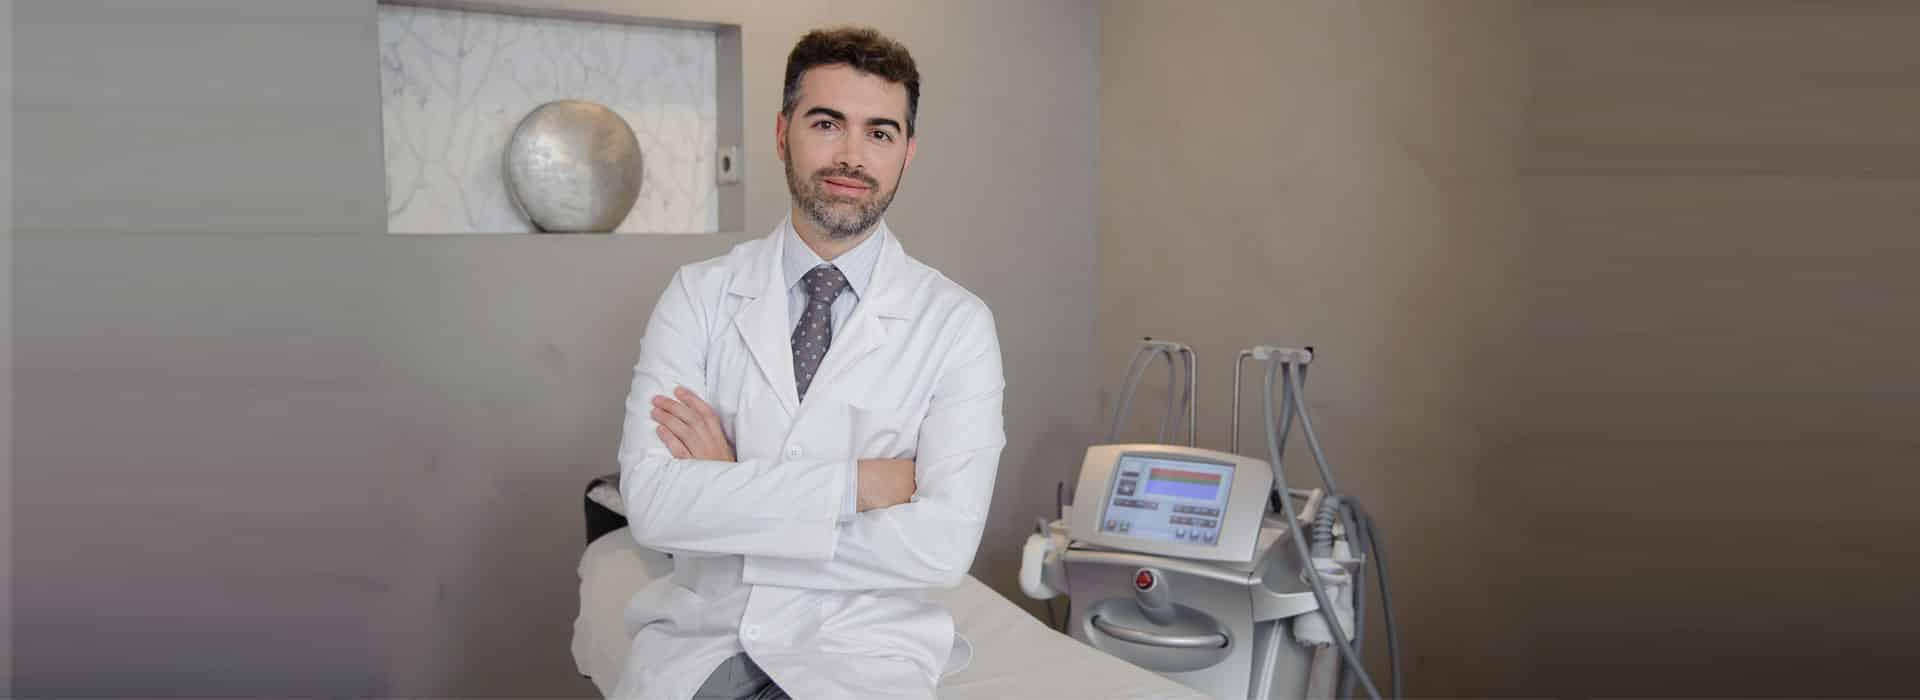 Venus Versa Gratis en Beauty ONE Centery Radiofrecuencia tratamiento reafirmantes arrugas sin cirugía